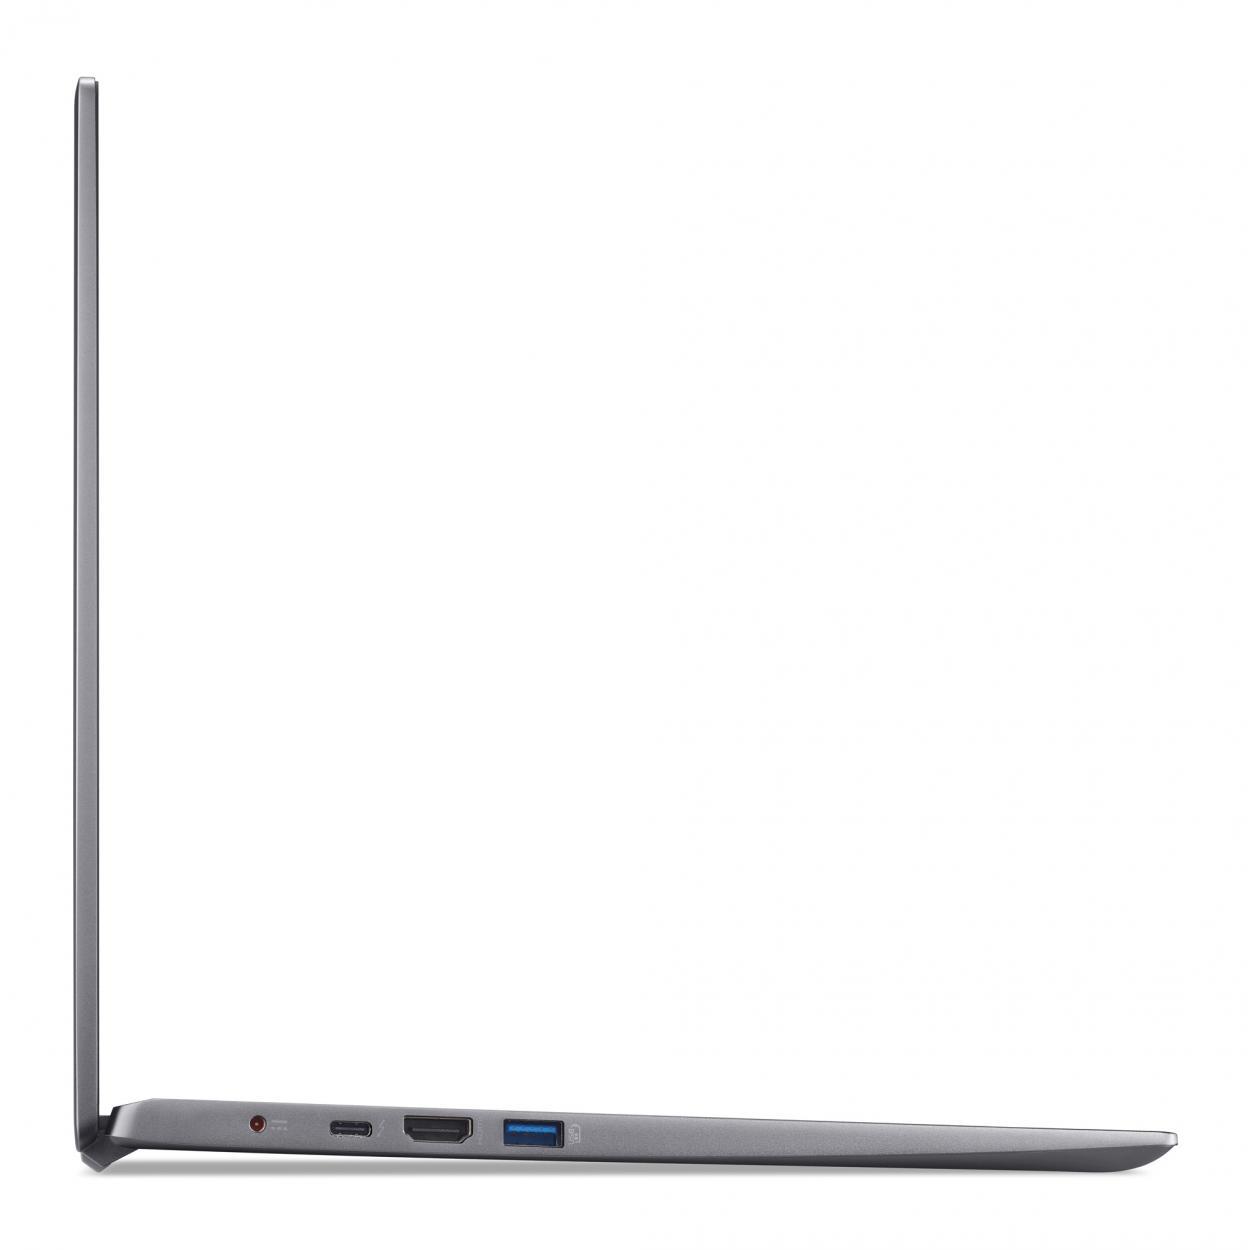 Ordinateur portable Acer Swift X SFX14-41G-R8U0 Argent/Bleu - GTX 1650, Pro - photo 8